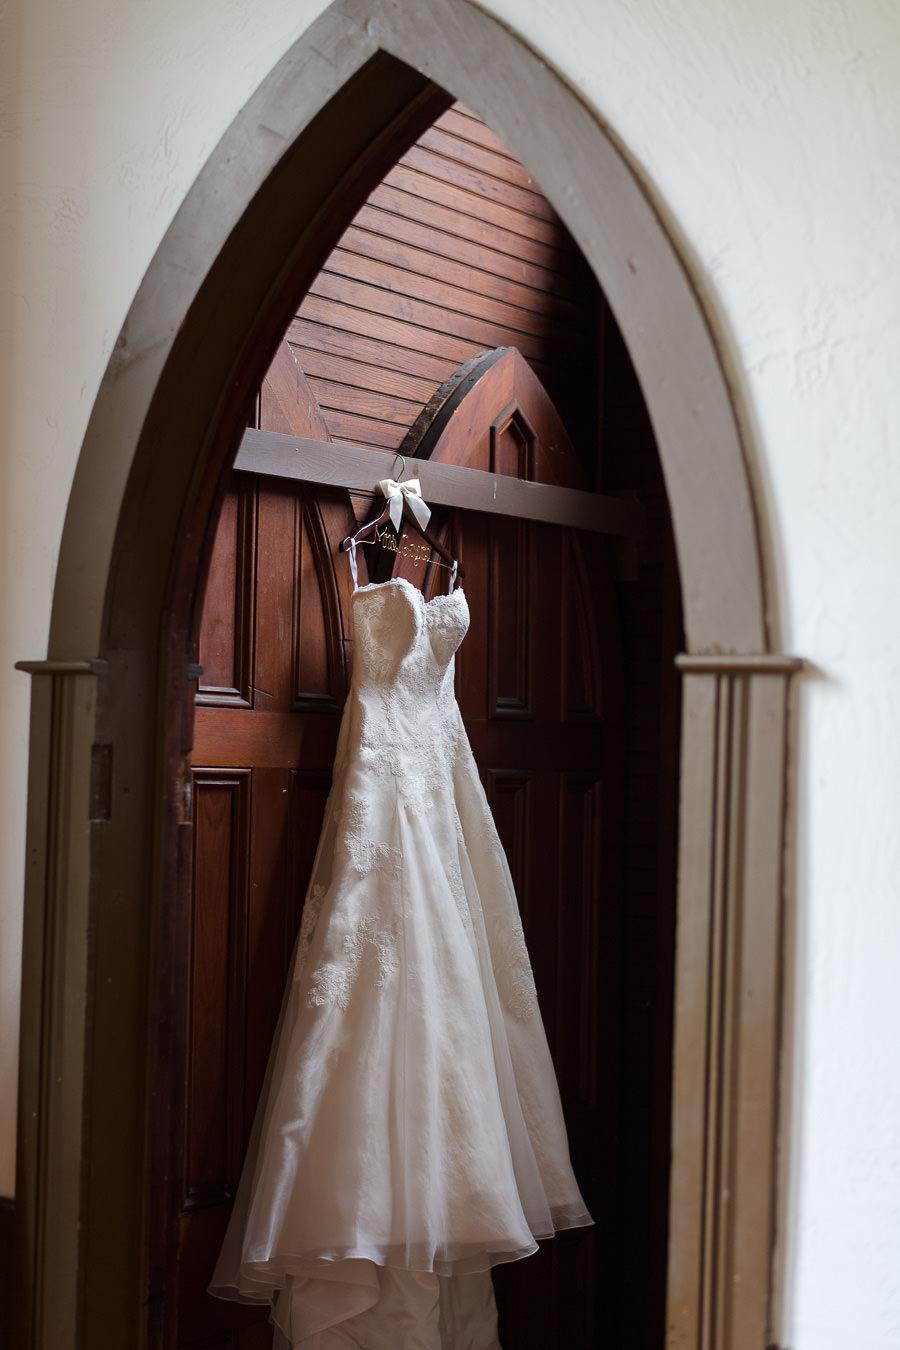 Watters Sweetheart Wedding A-Lie Dress on Hanger